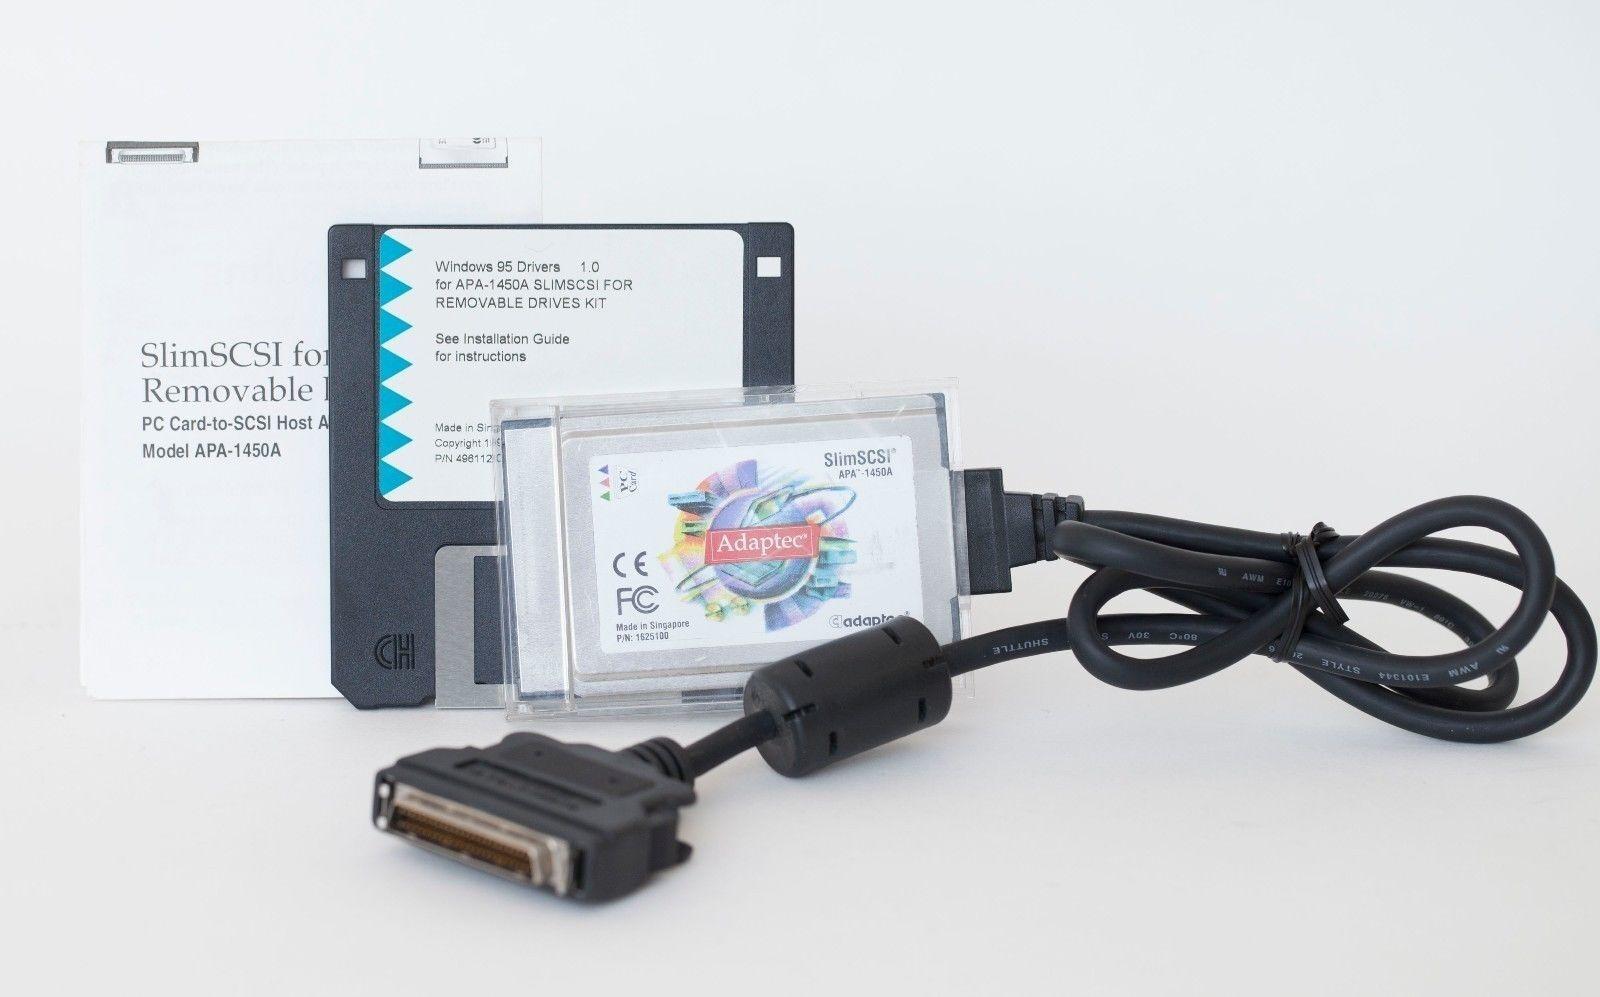 ADAPTEC SLIMSCSI PCMCIA DRIVER FOR WINDOWS MAC